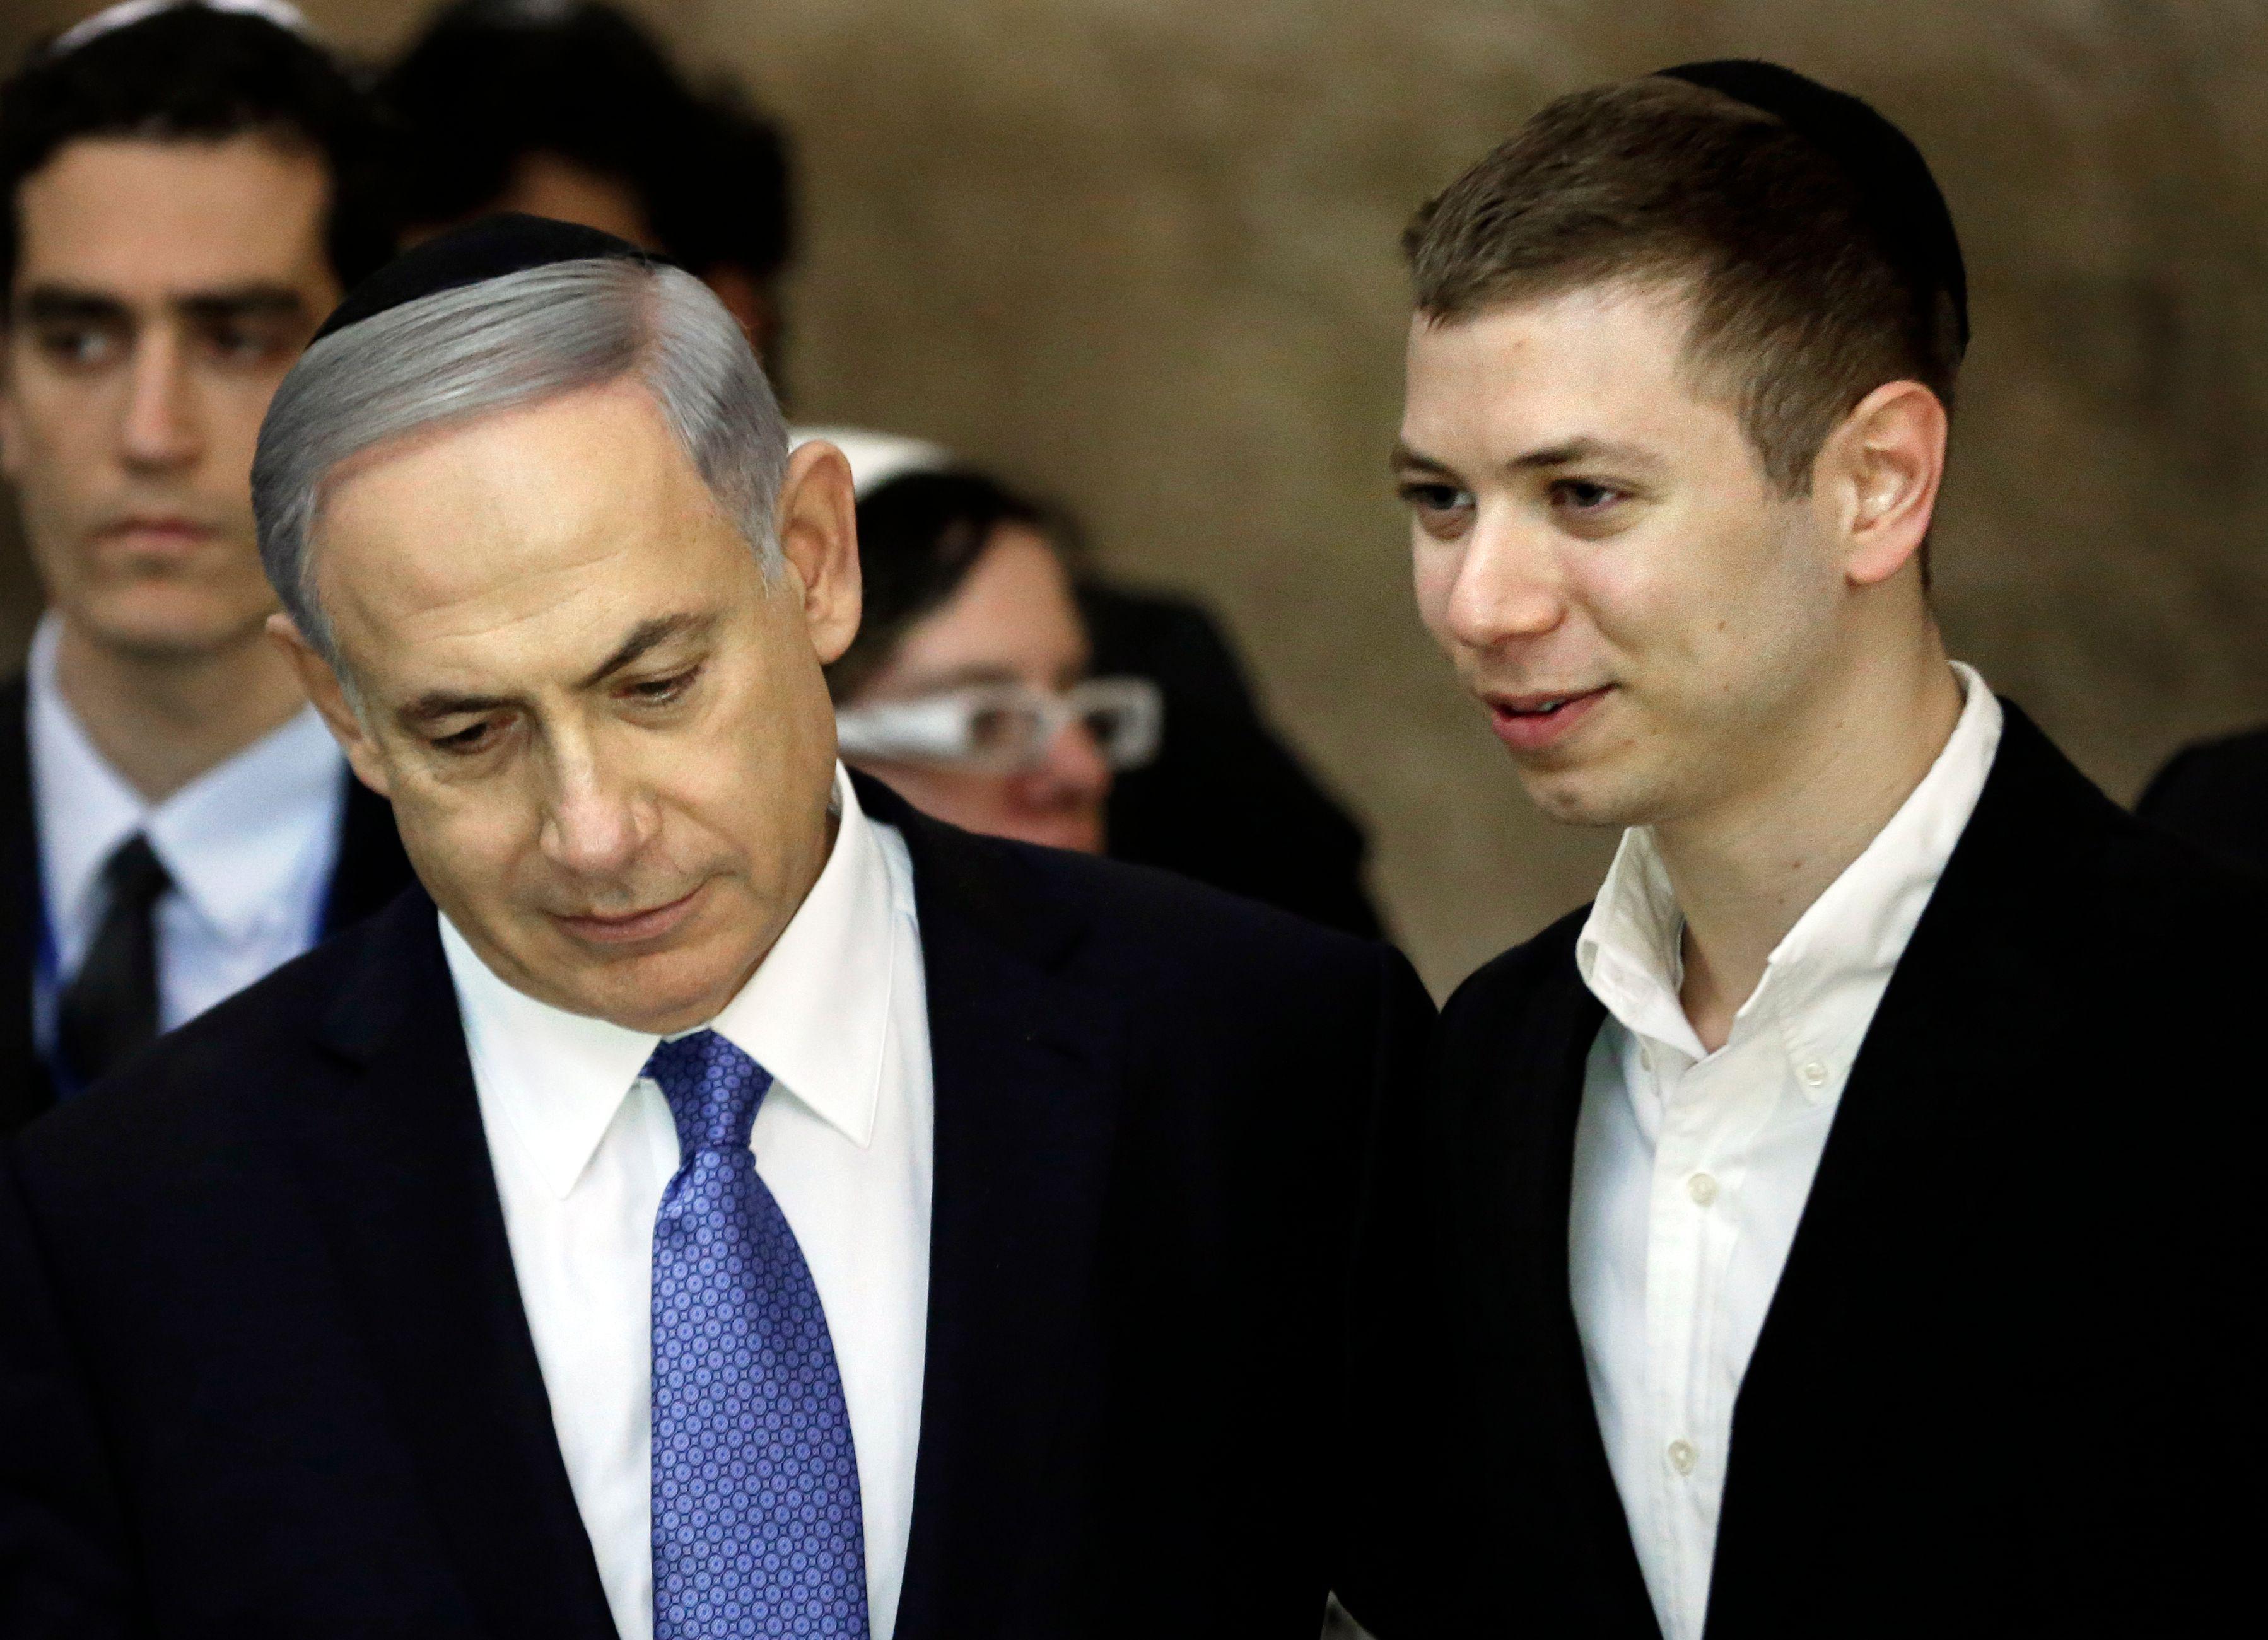 Filho de Netanyahu era frequentador de clubes de strip-tease, diz imprensa